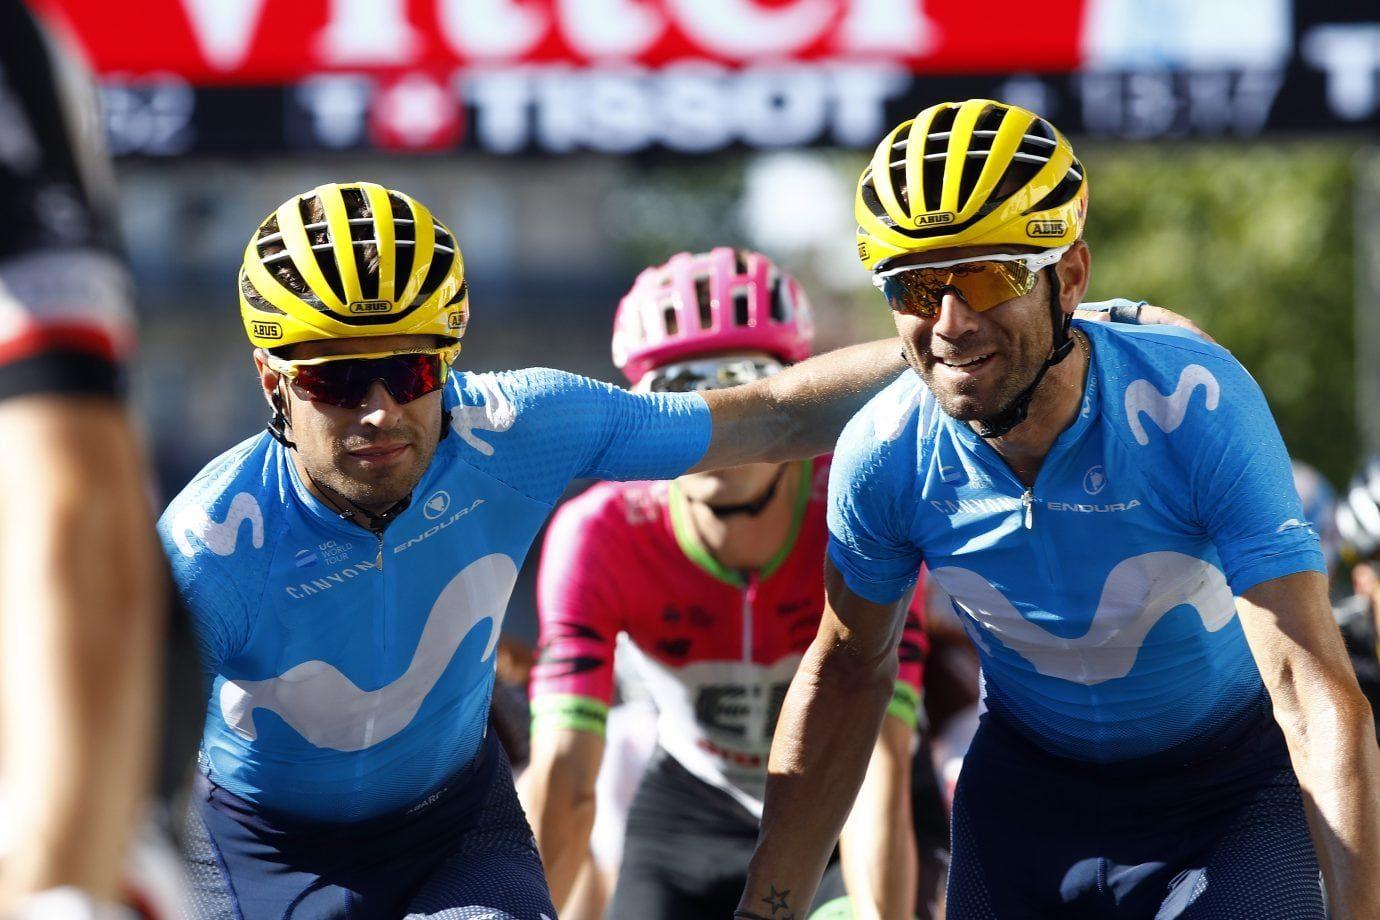 Mikel Landa y Alejandro Valverde en el Tour de Francia 2018 (Foto: BettiniPhoto).